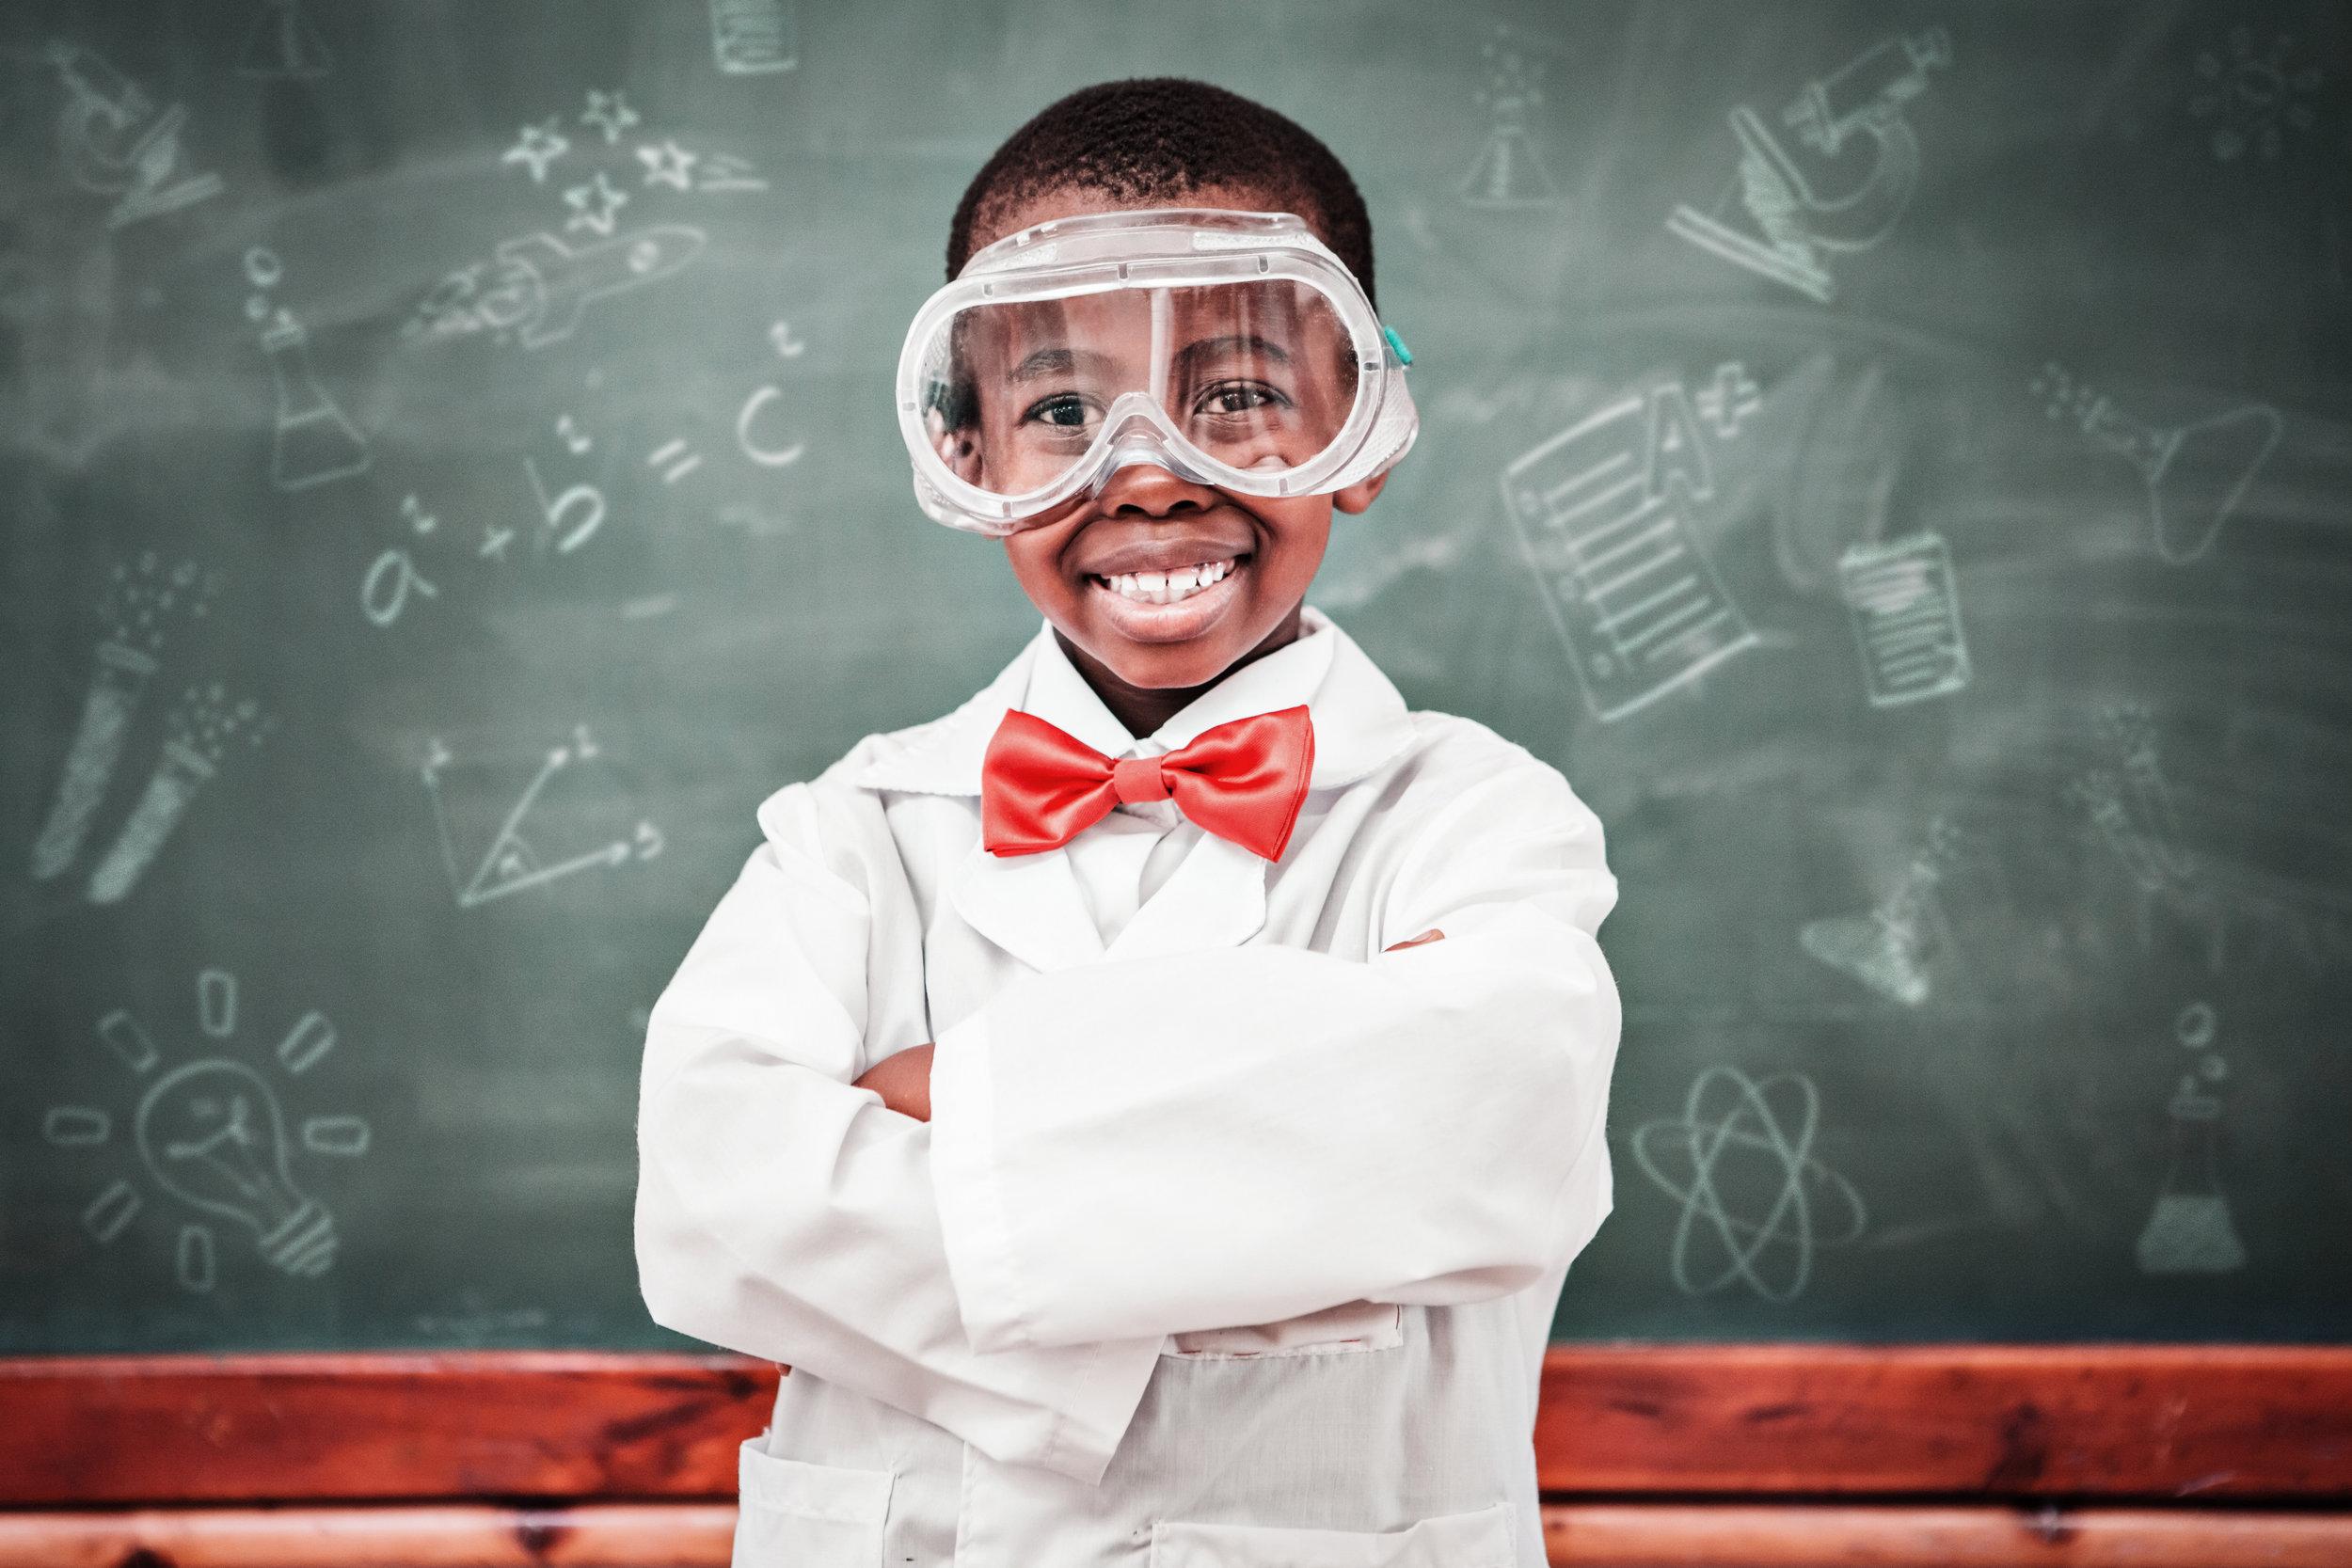 scientist kid.jpg